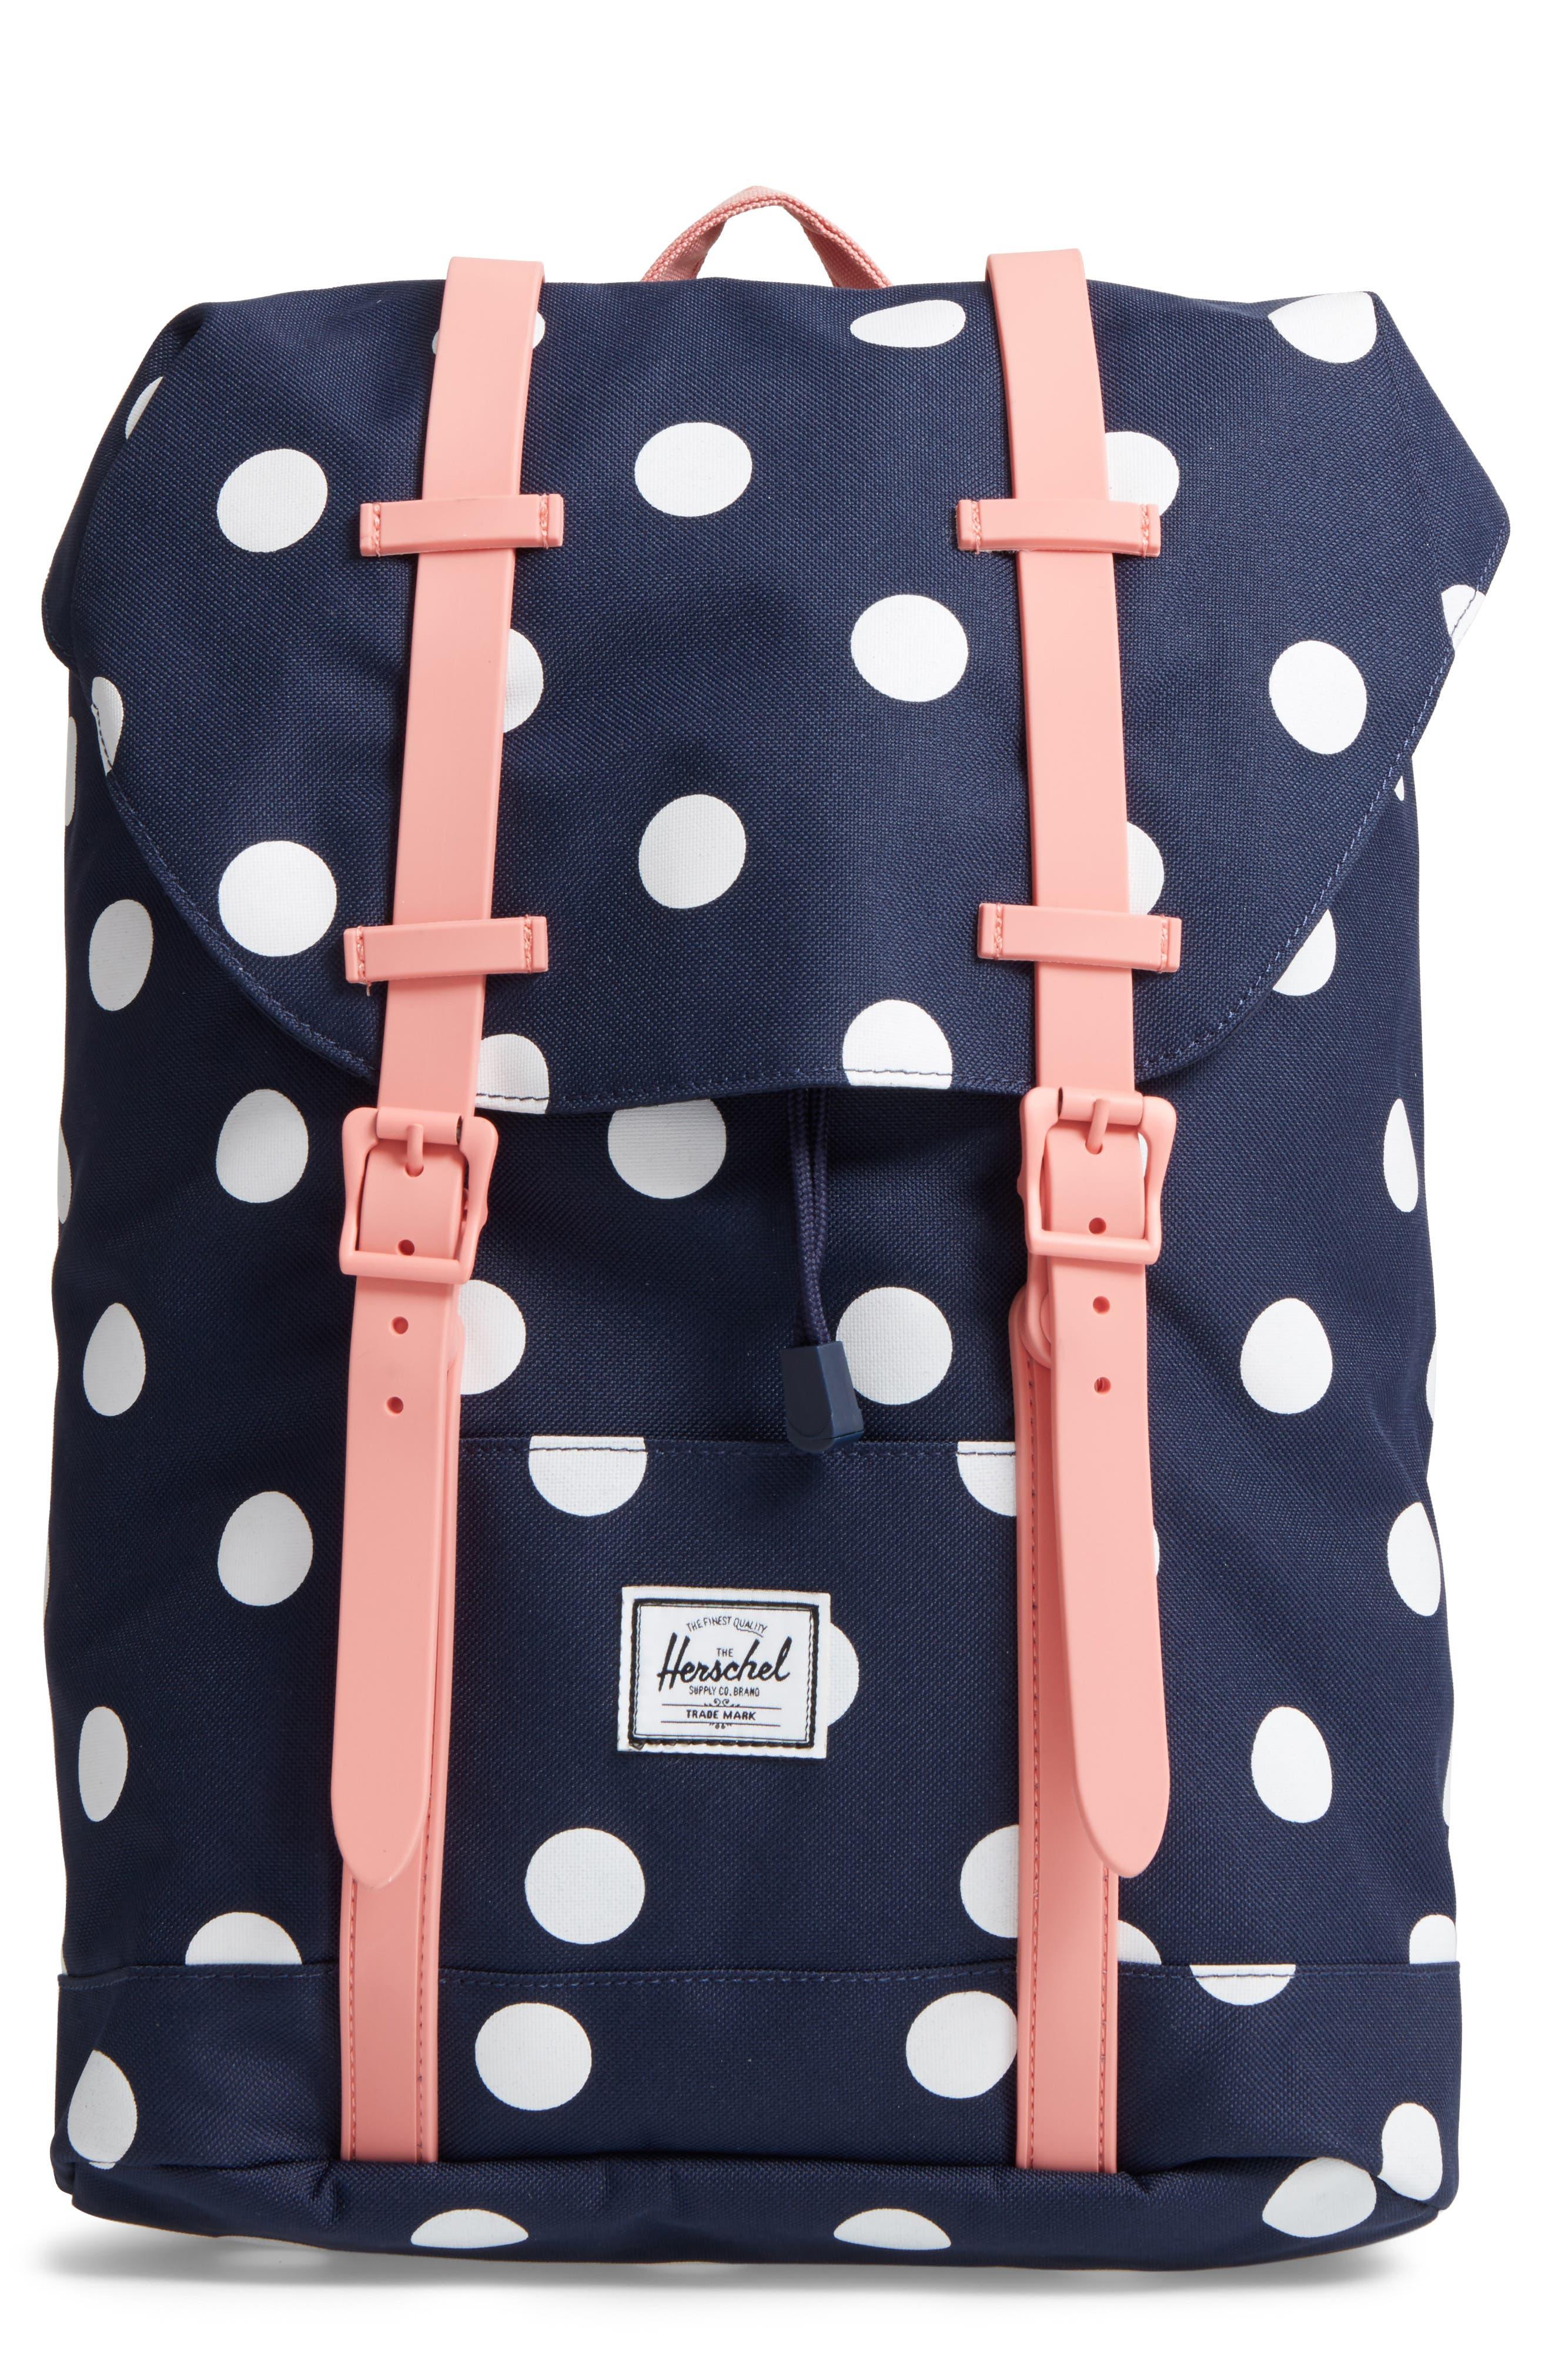 Herschel Supply Co. Retreat Backpack (Kids)